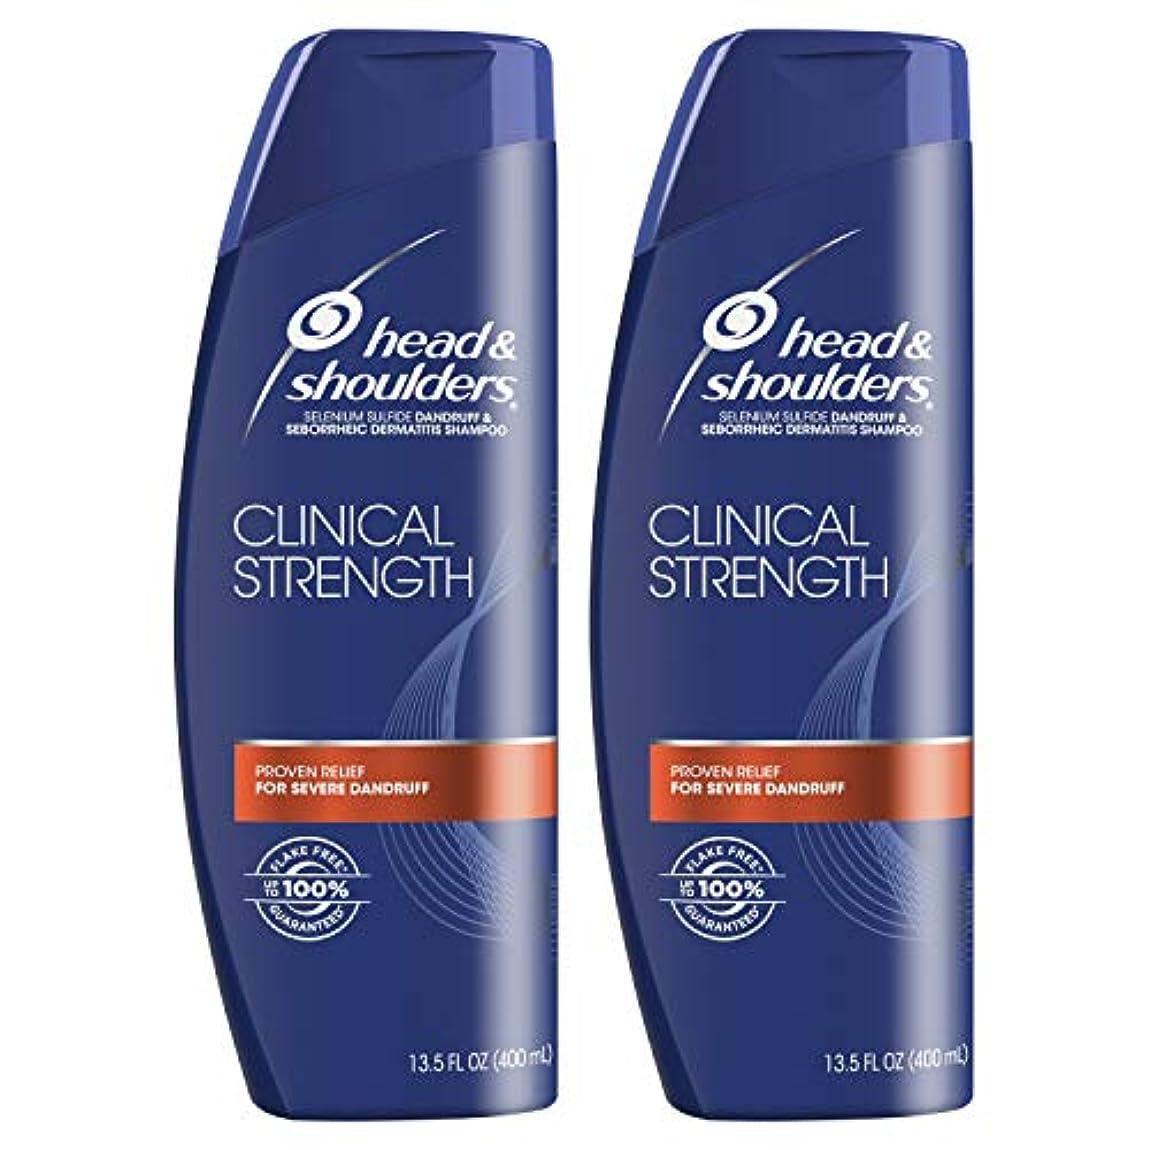 発見魔術師レビュアーHead and Shoulders Clinical Strength Dandruff and Seborrheic Dermatitisシャンプー、13.5 FL OZ